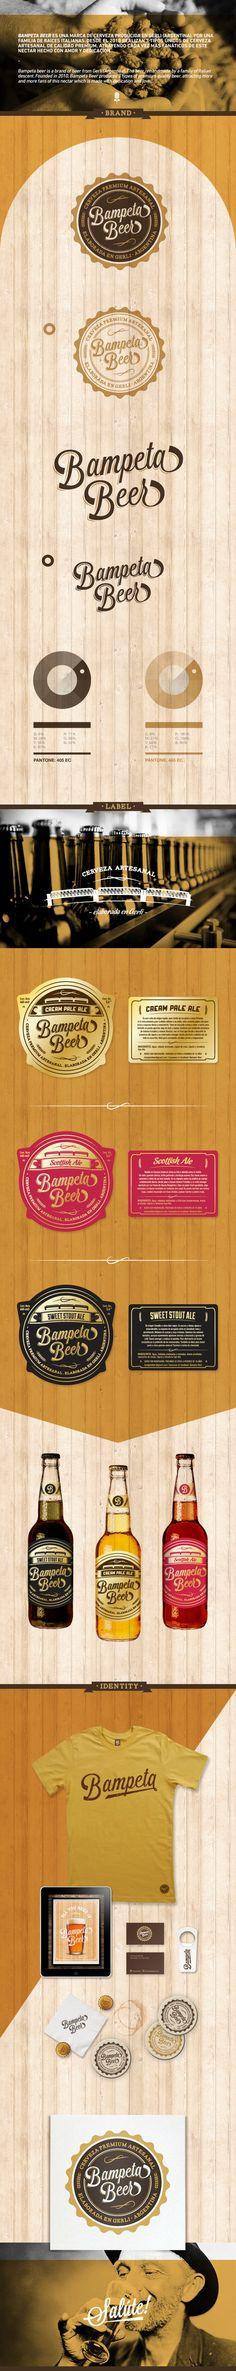 Bampeta Beer by Emiliano Aranguren, via Behance